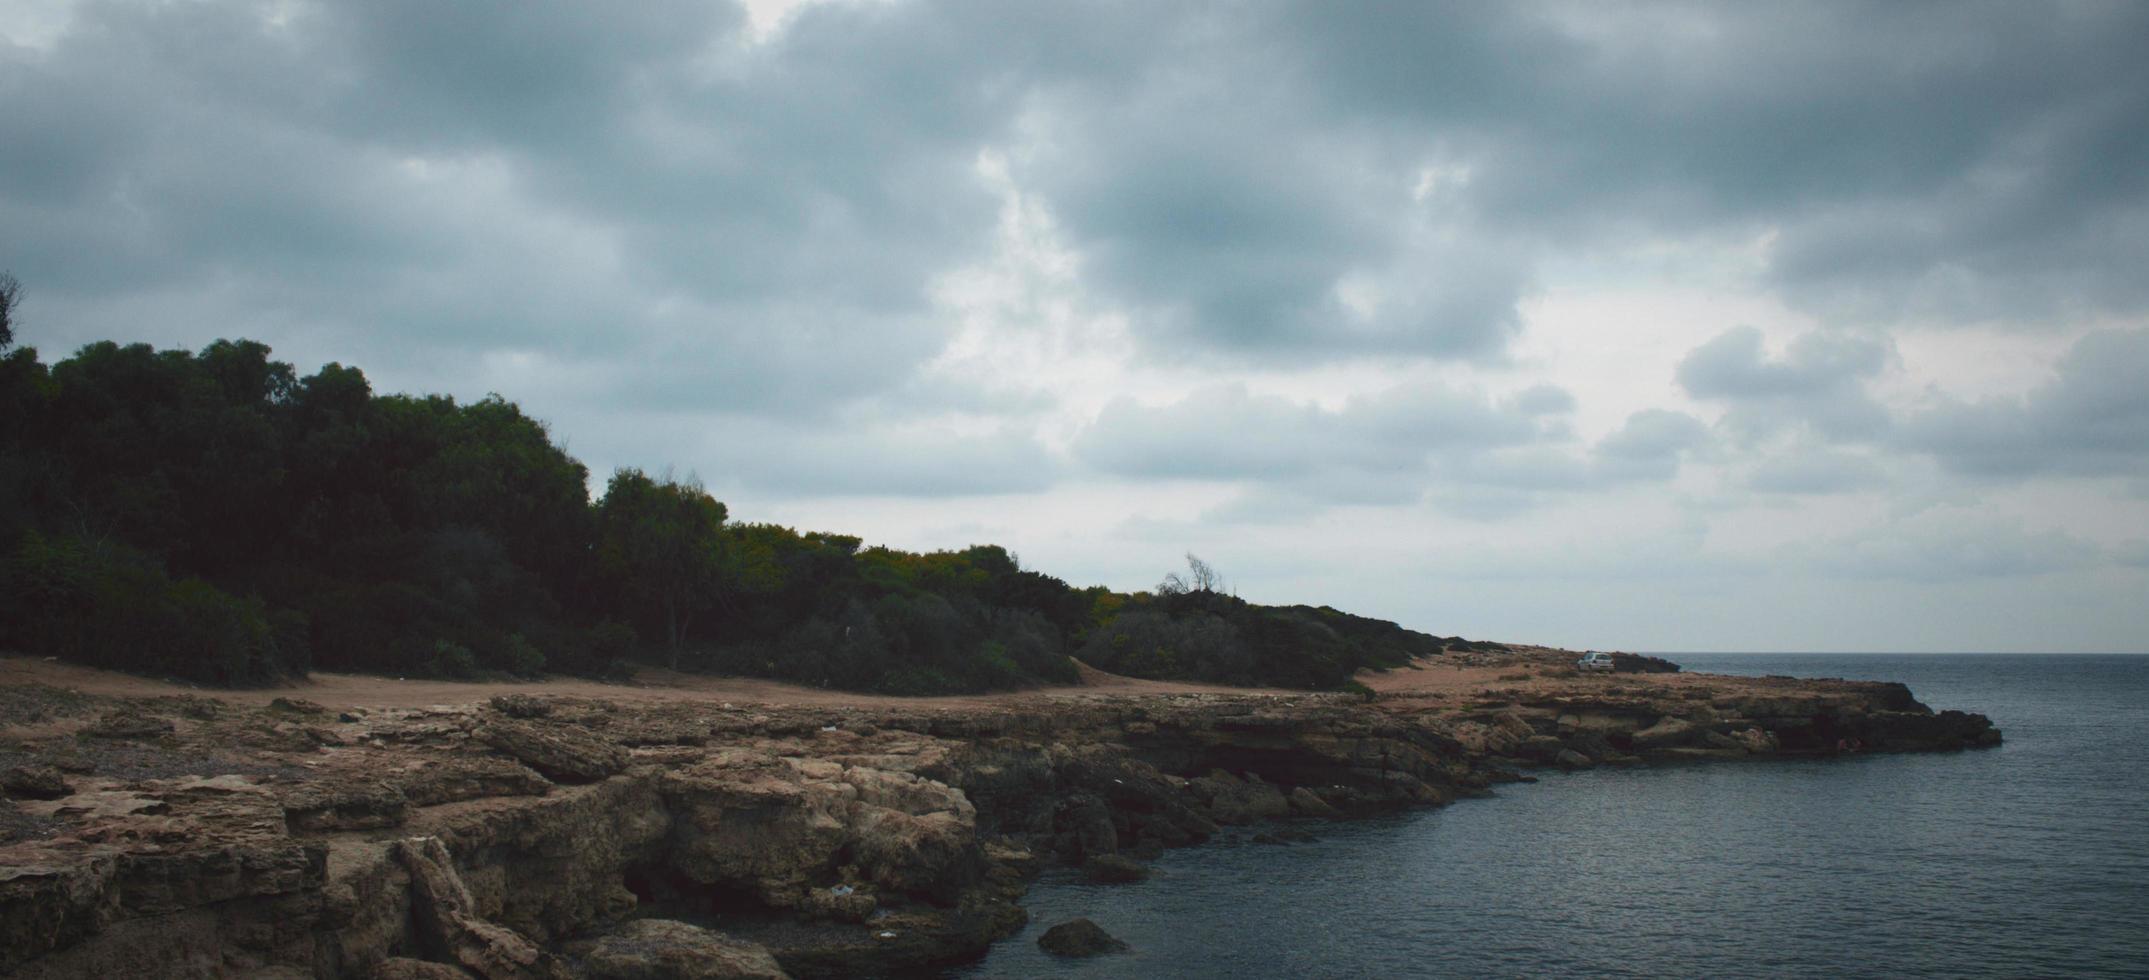 wolken boven een rotsachtige kust foto